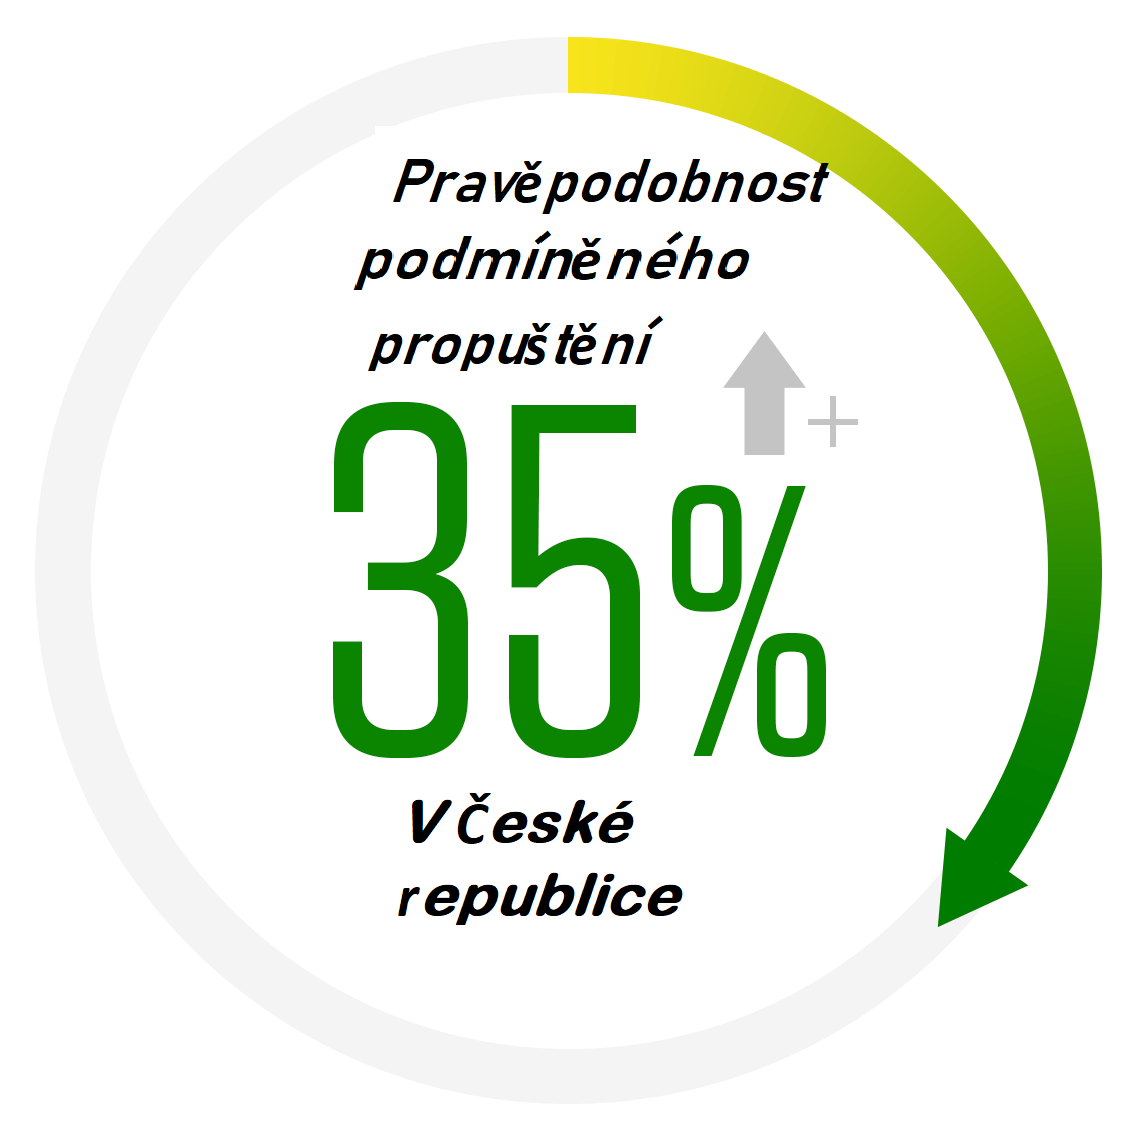 Pravděpodobnost podmíněného propuštění v ČR.